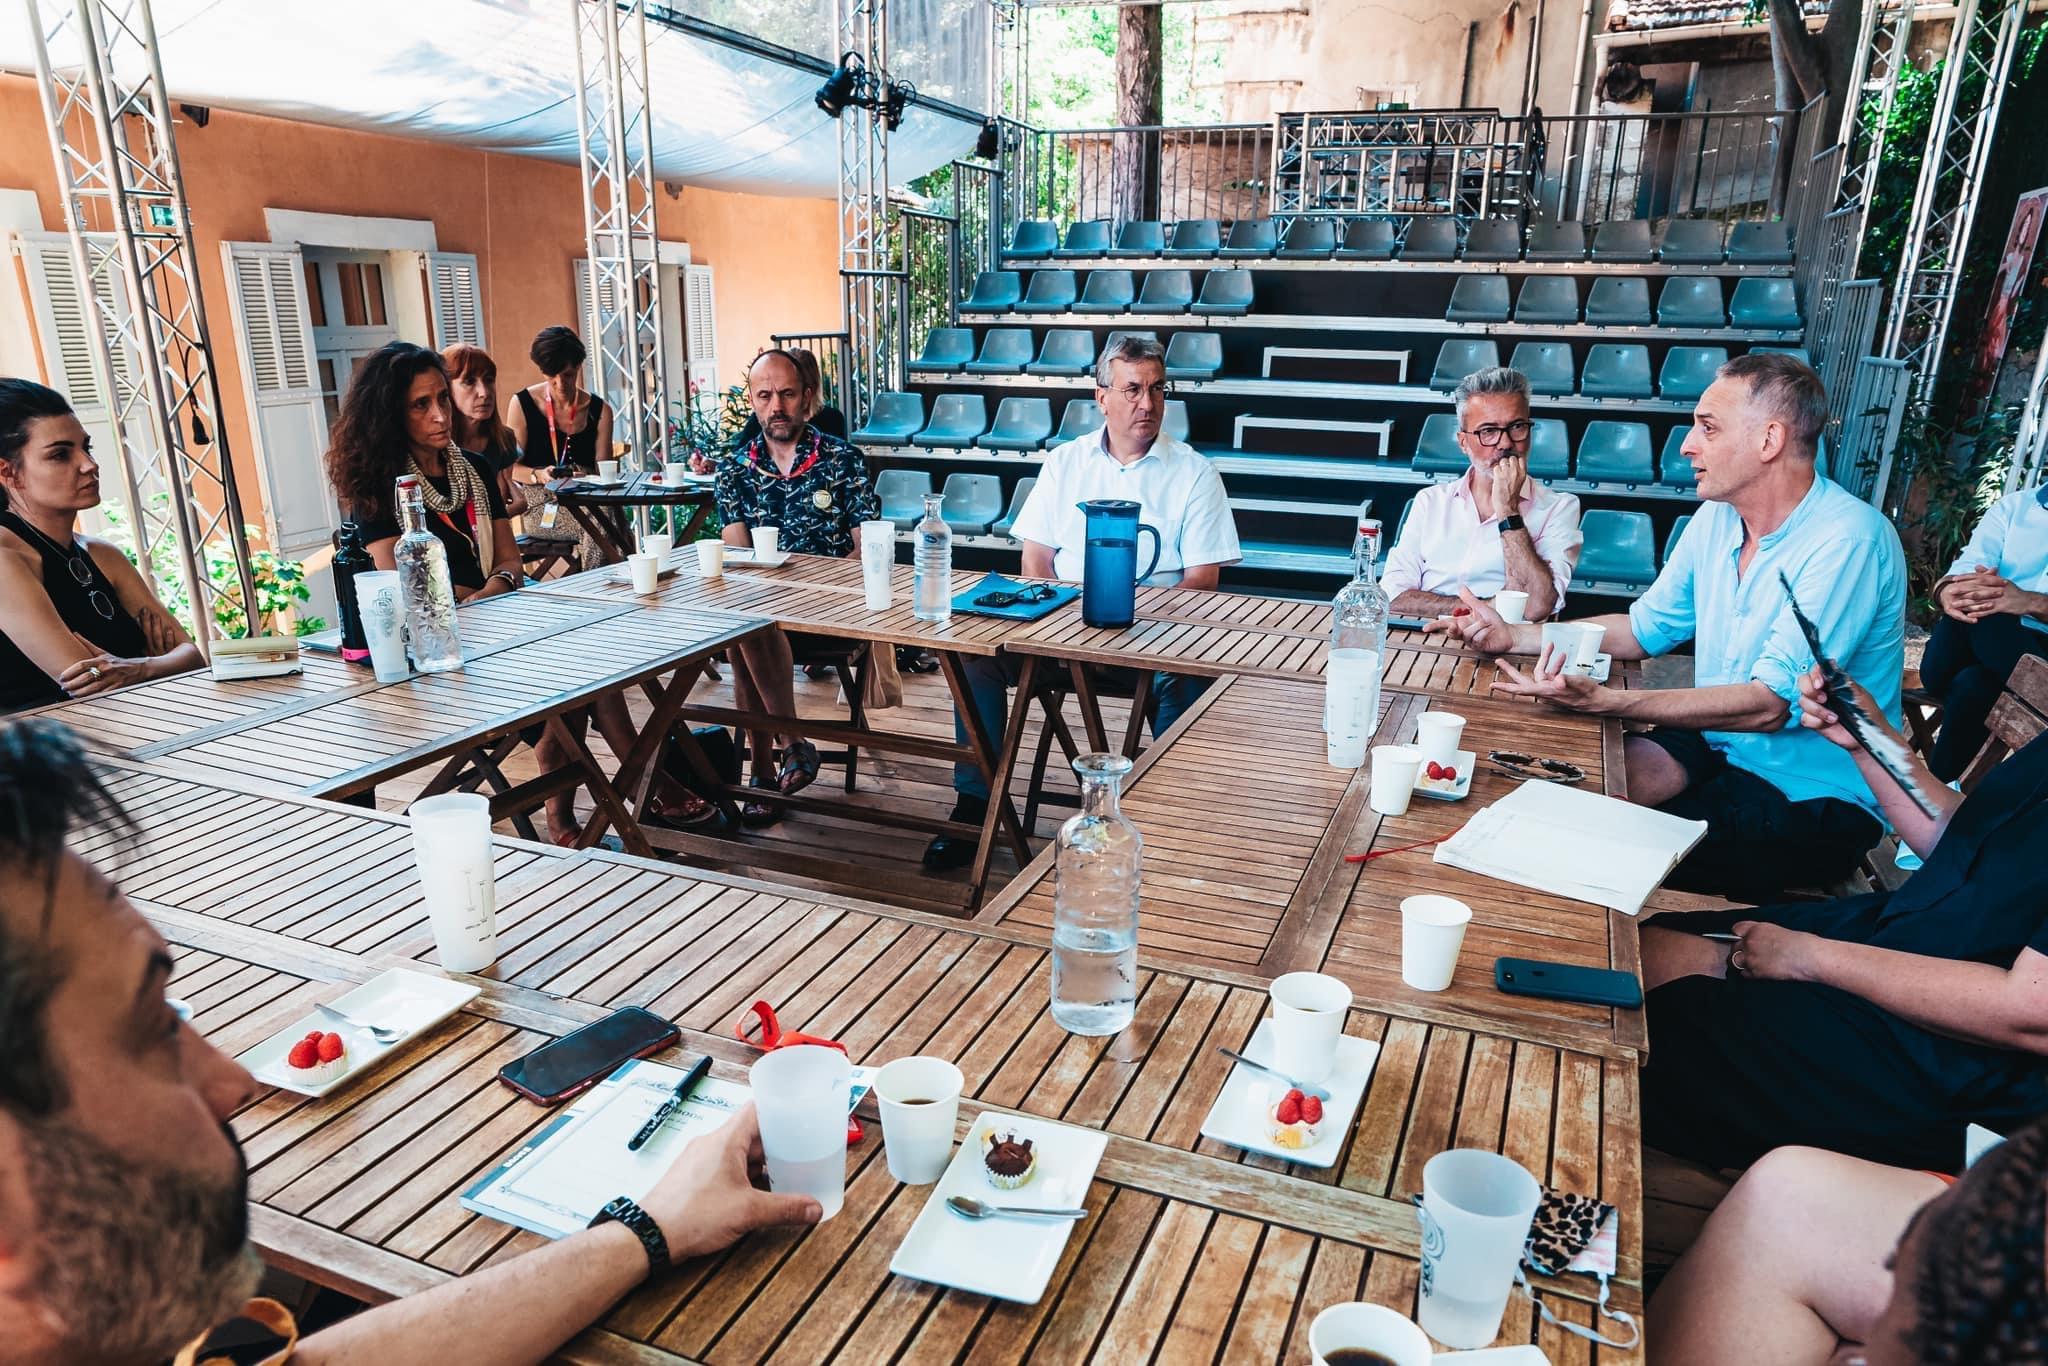 La rencontre du Ministre-Président Pierre-Yves Jeholet avec les artistes de Wallonie-Bruxelles au Théâtre des Doms